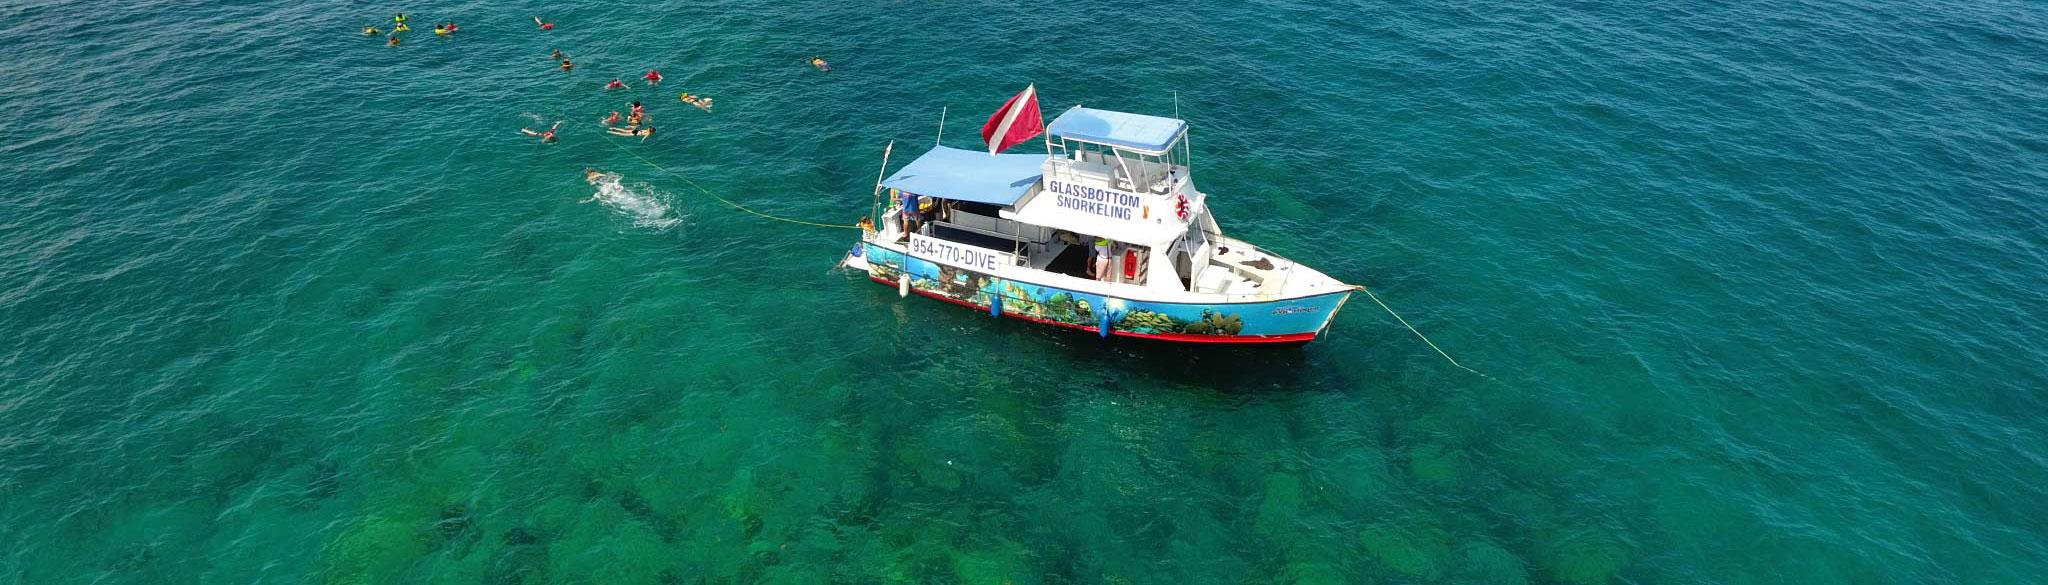 South Florida Wrecks | Sea Experience 954-770-3483